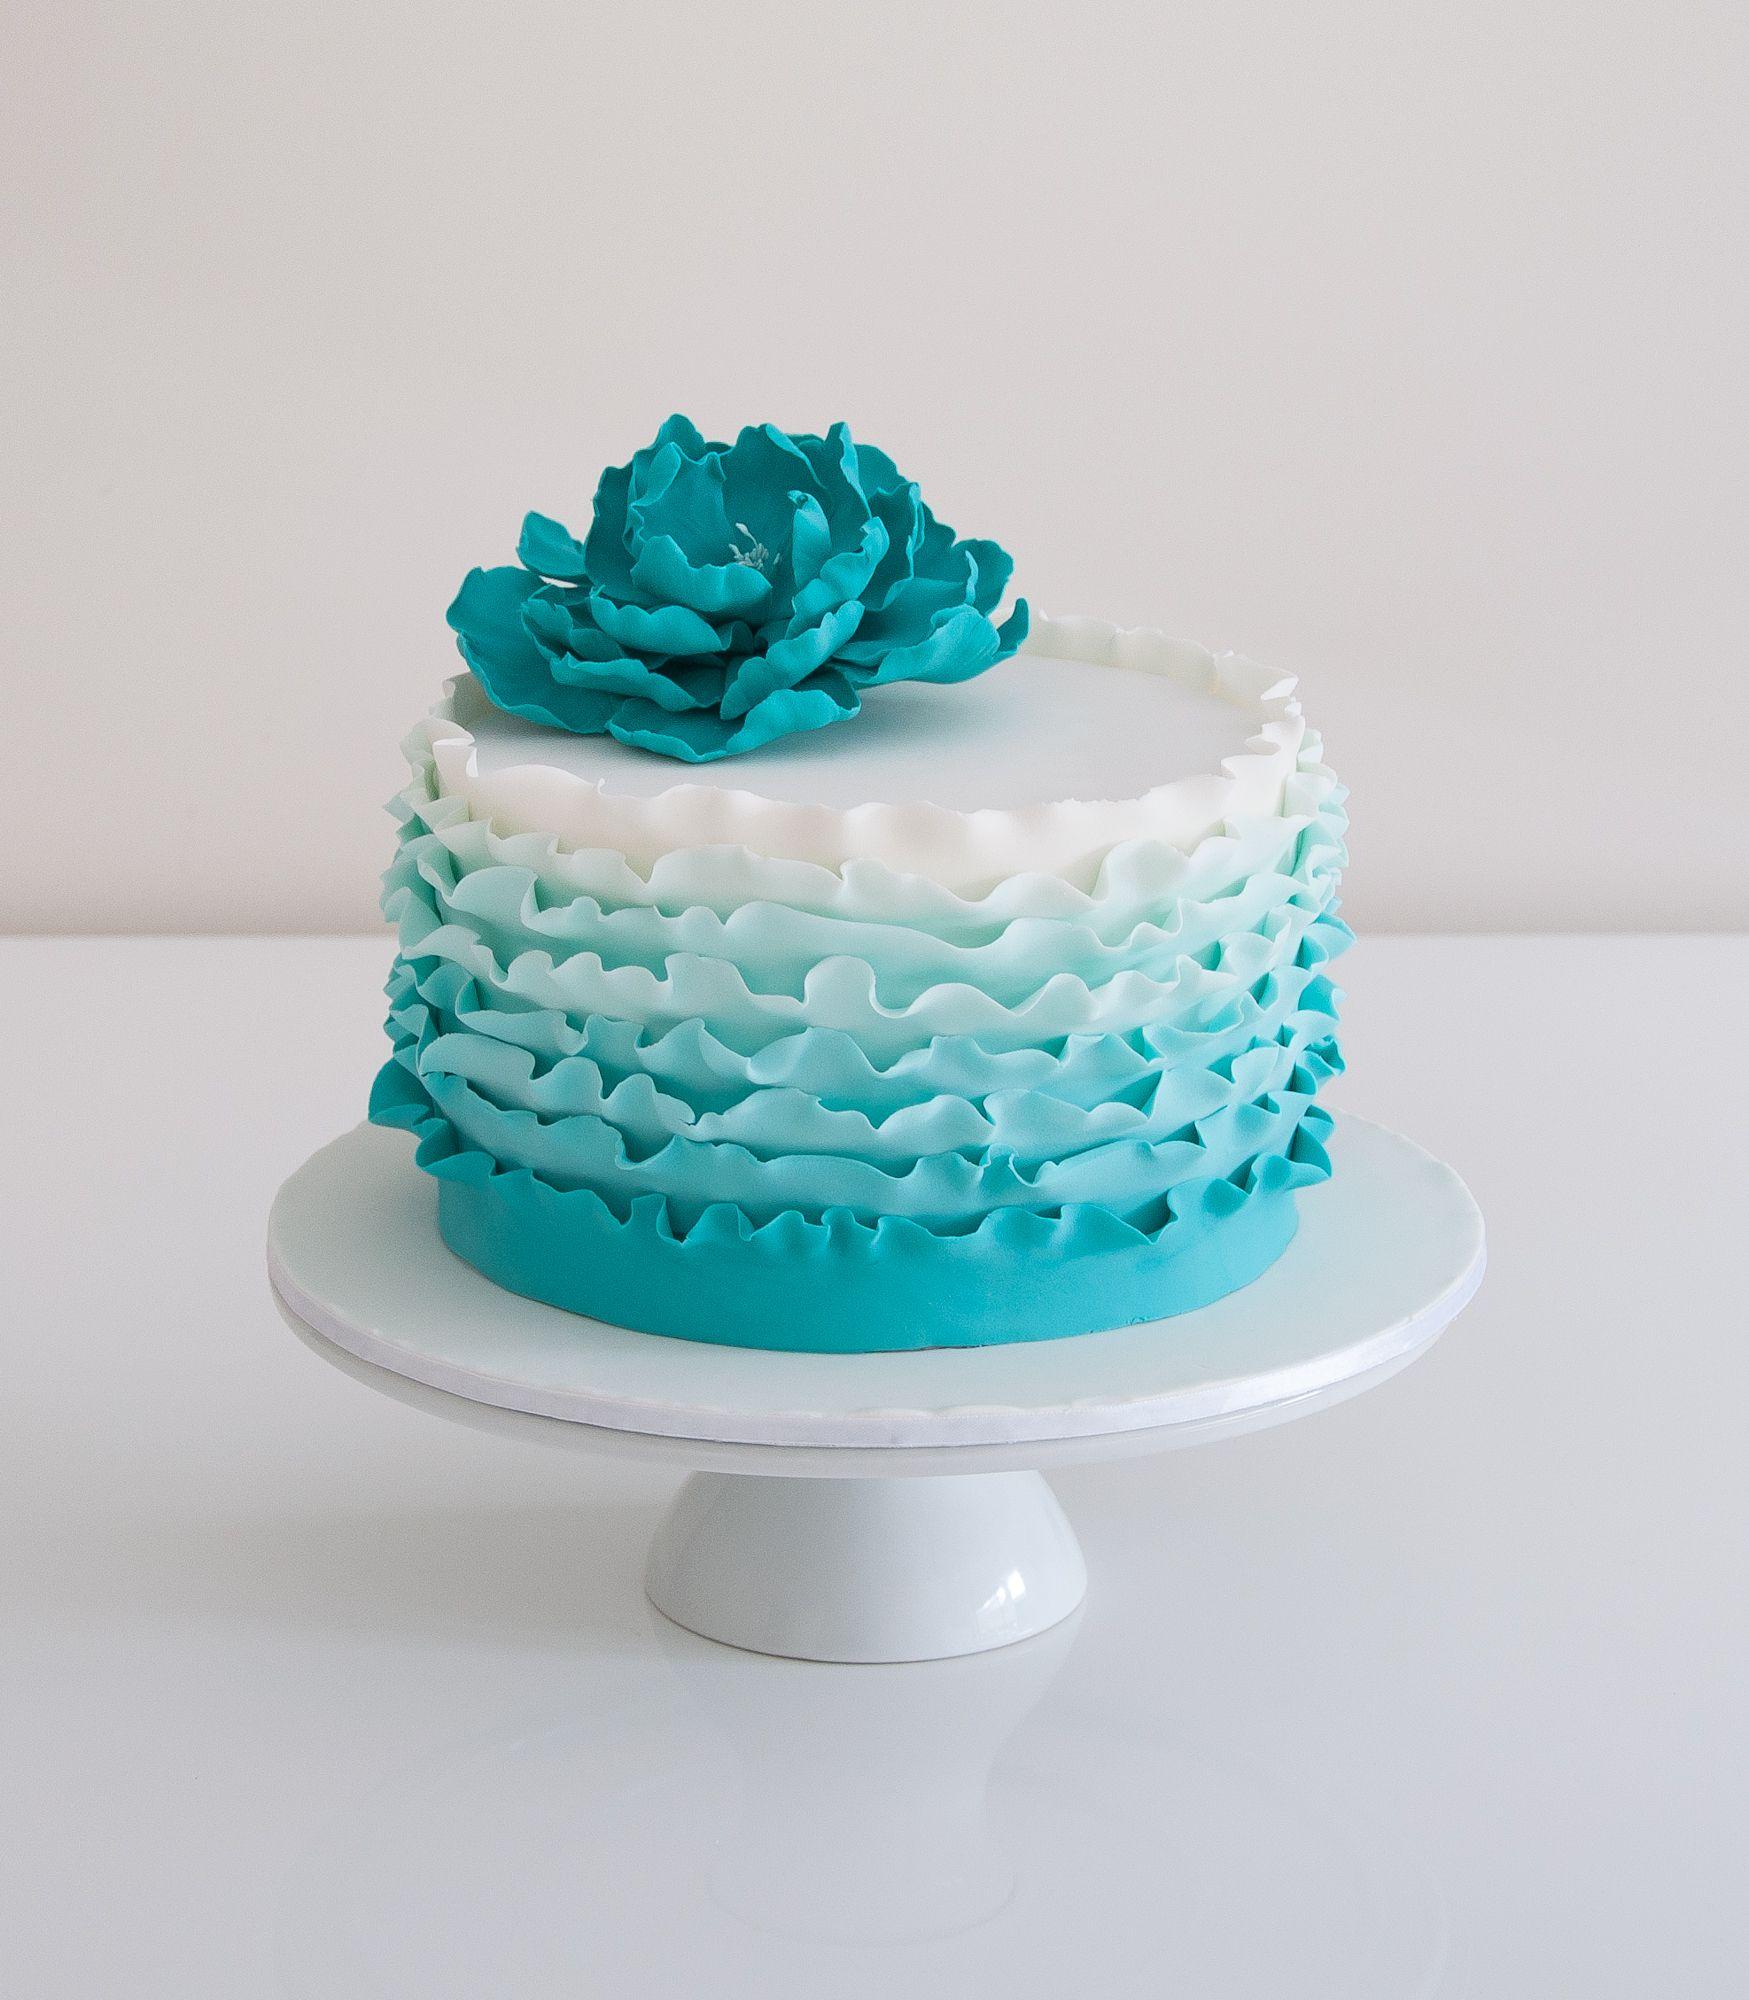 Engagement cakes cake beautiful birthday cakes wedding